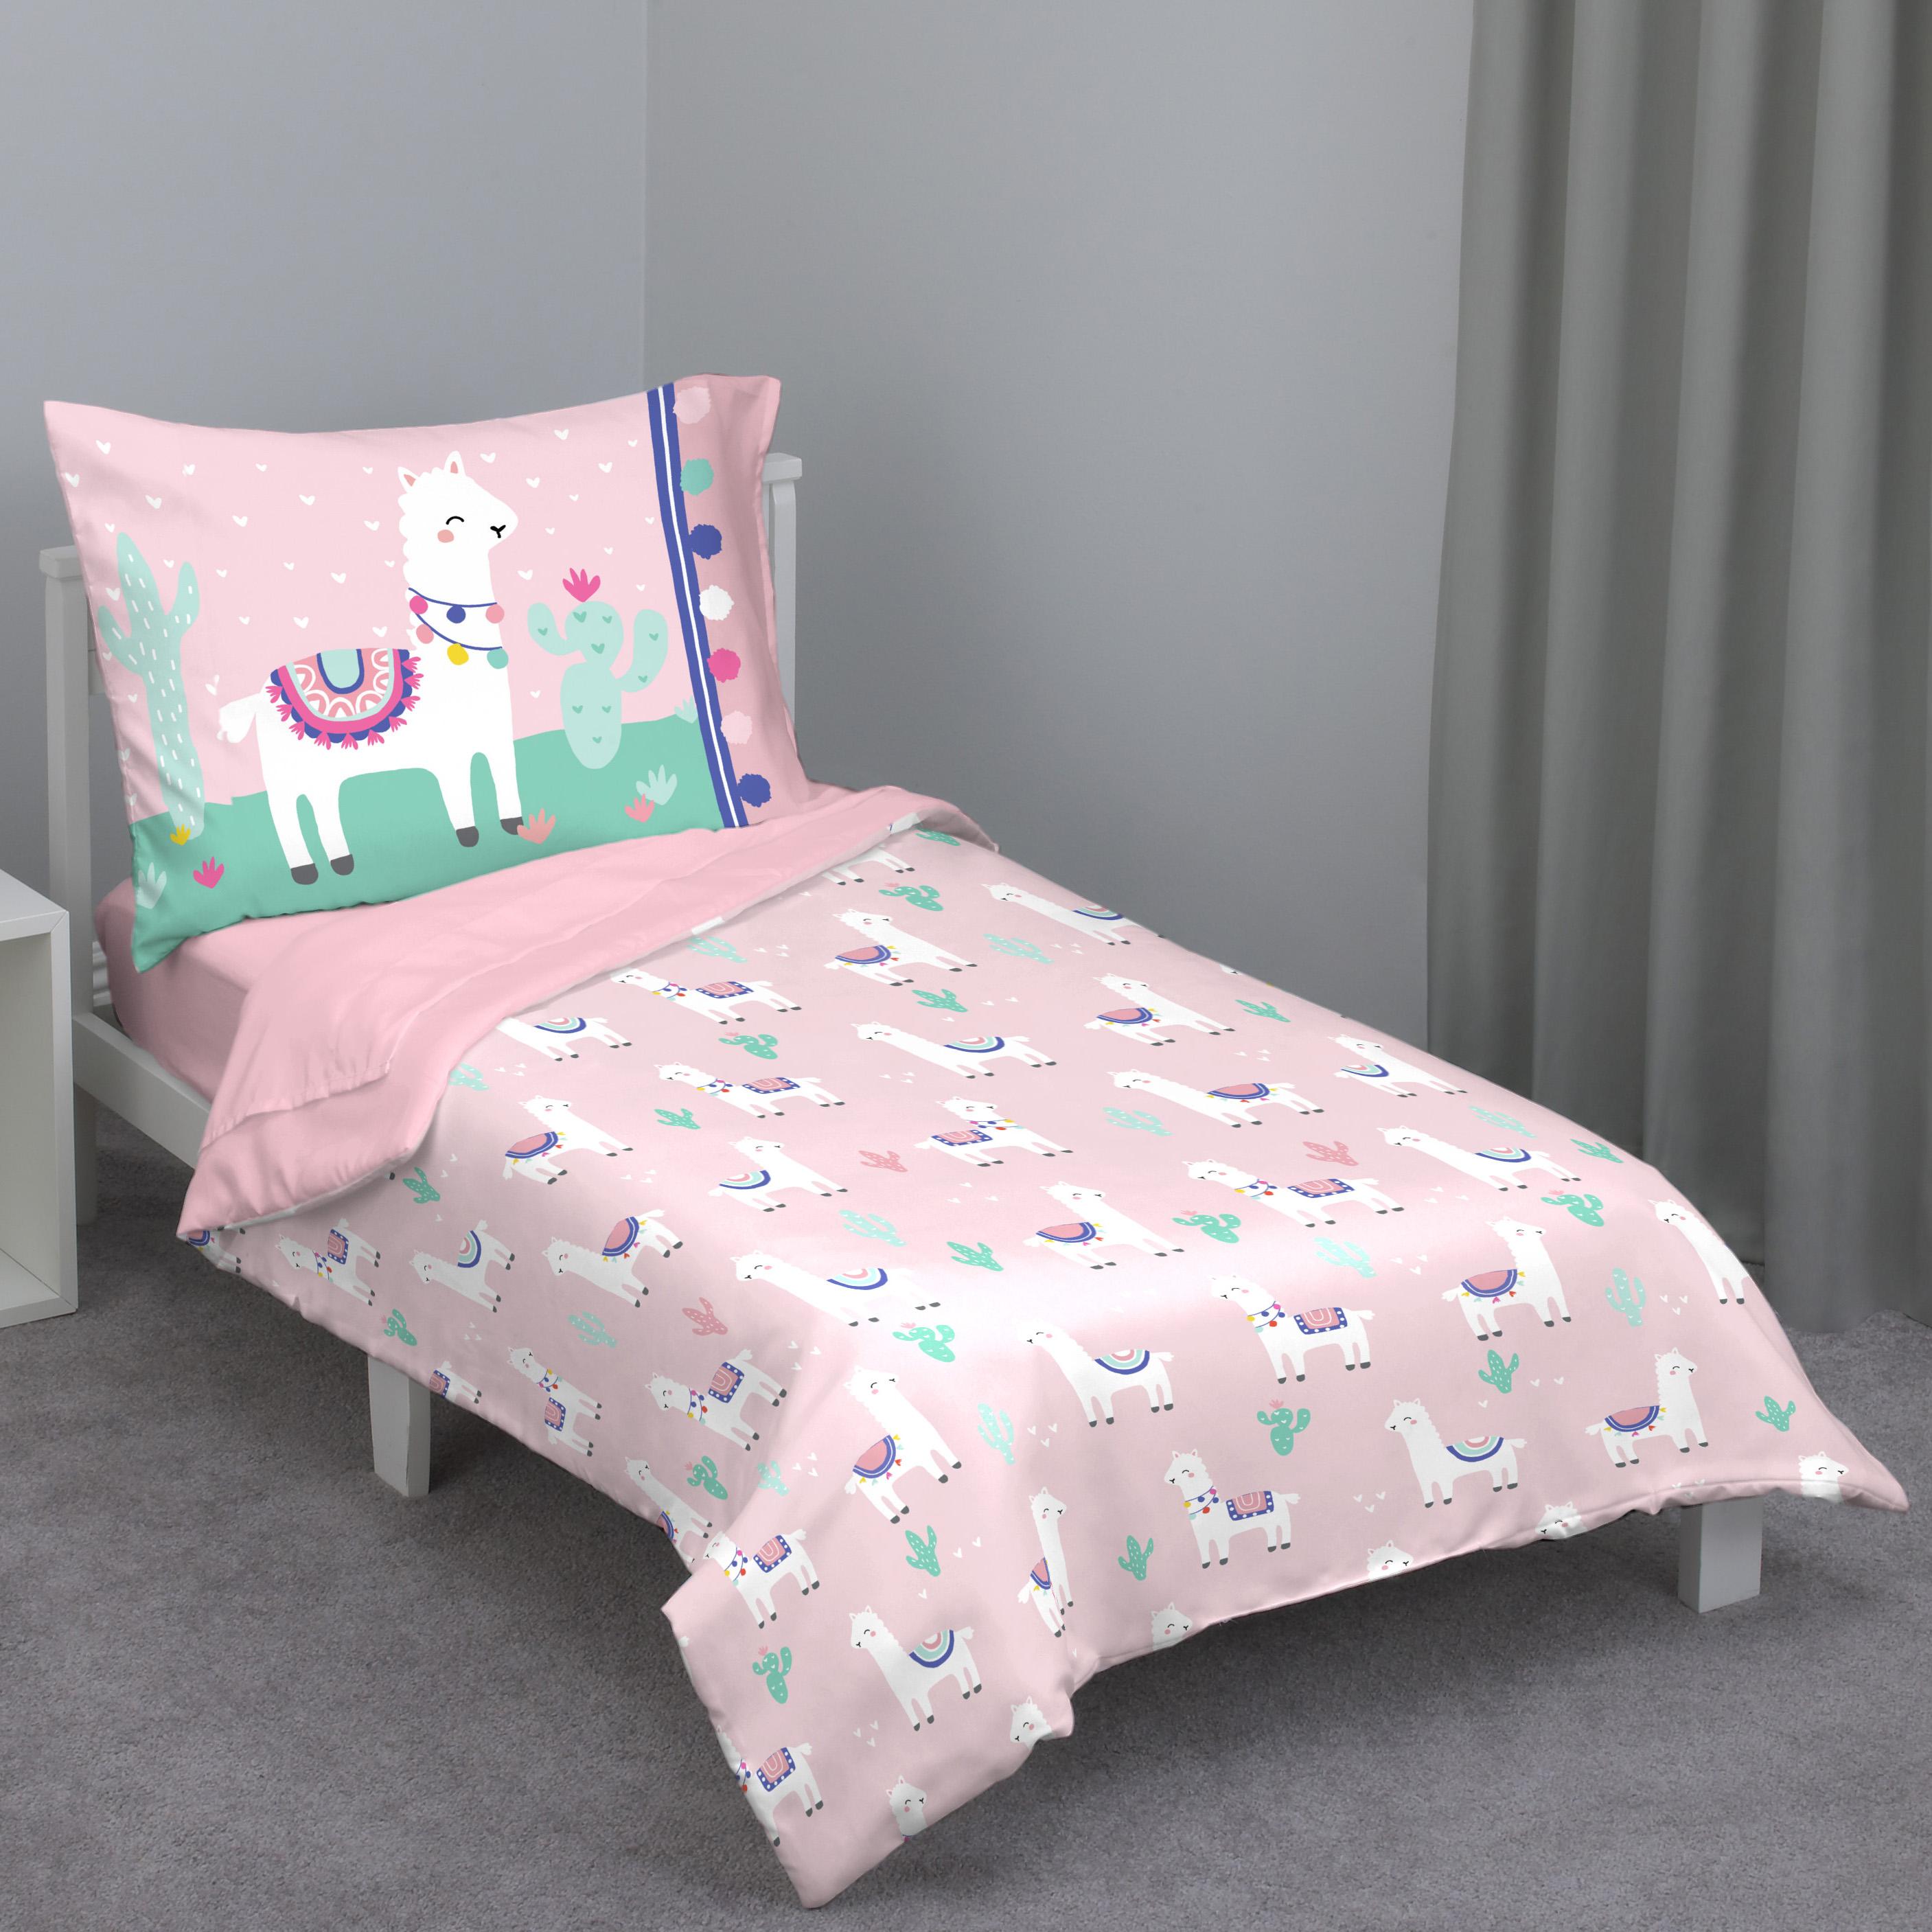 Sheet Set Dinosaur Land Pink for Girls and Kids Purple Turquoise Pink Dinosaurs Print New # Dinosaur Land Pink Full Sheet